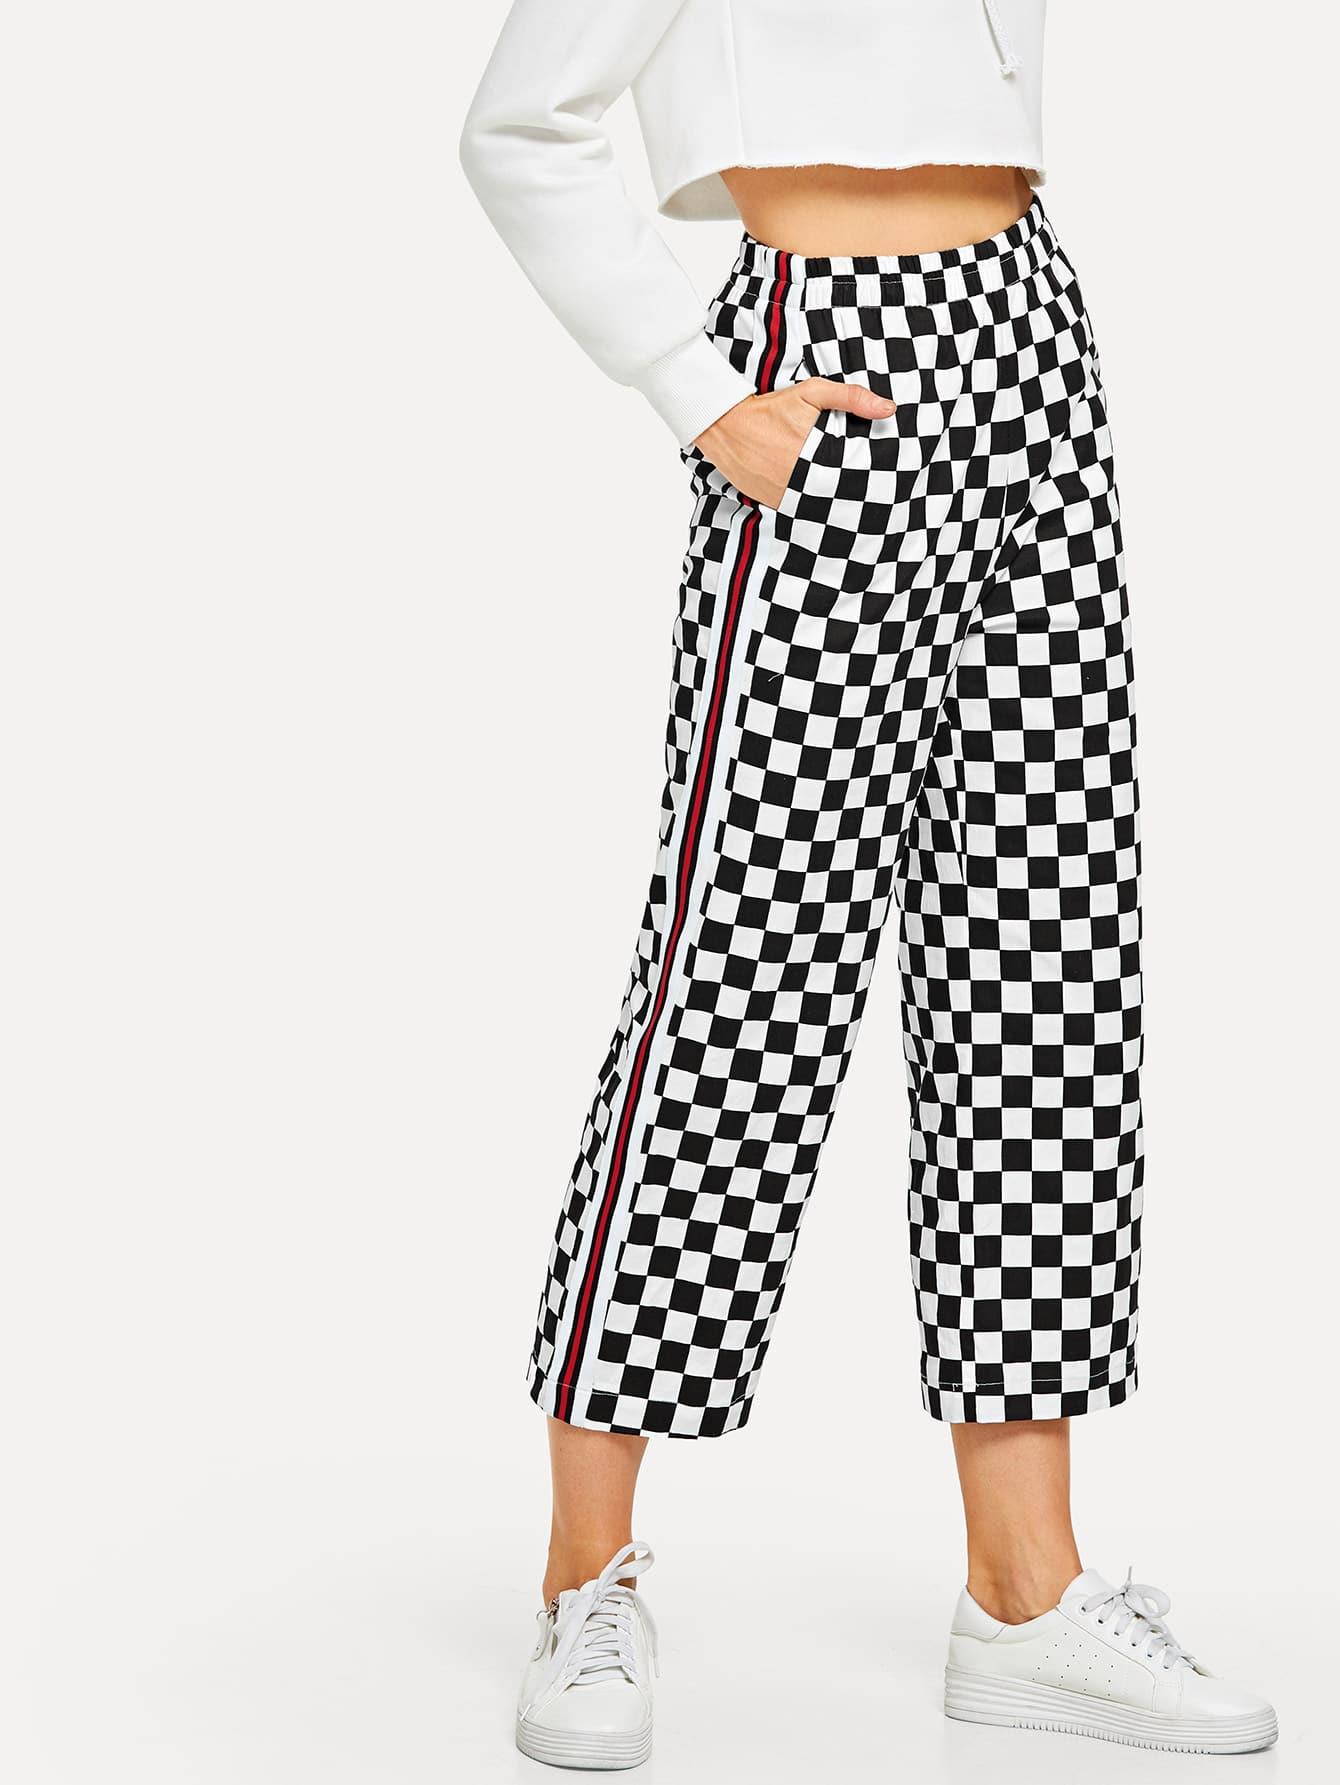 Купить Клетчатые брюки полосатый лоскутная штаны, Masha, SheIn